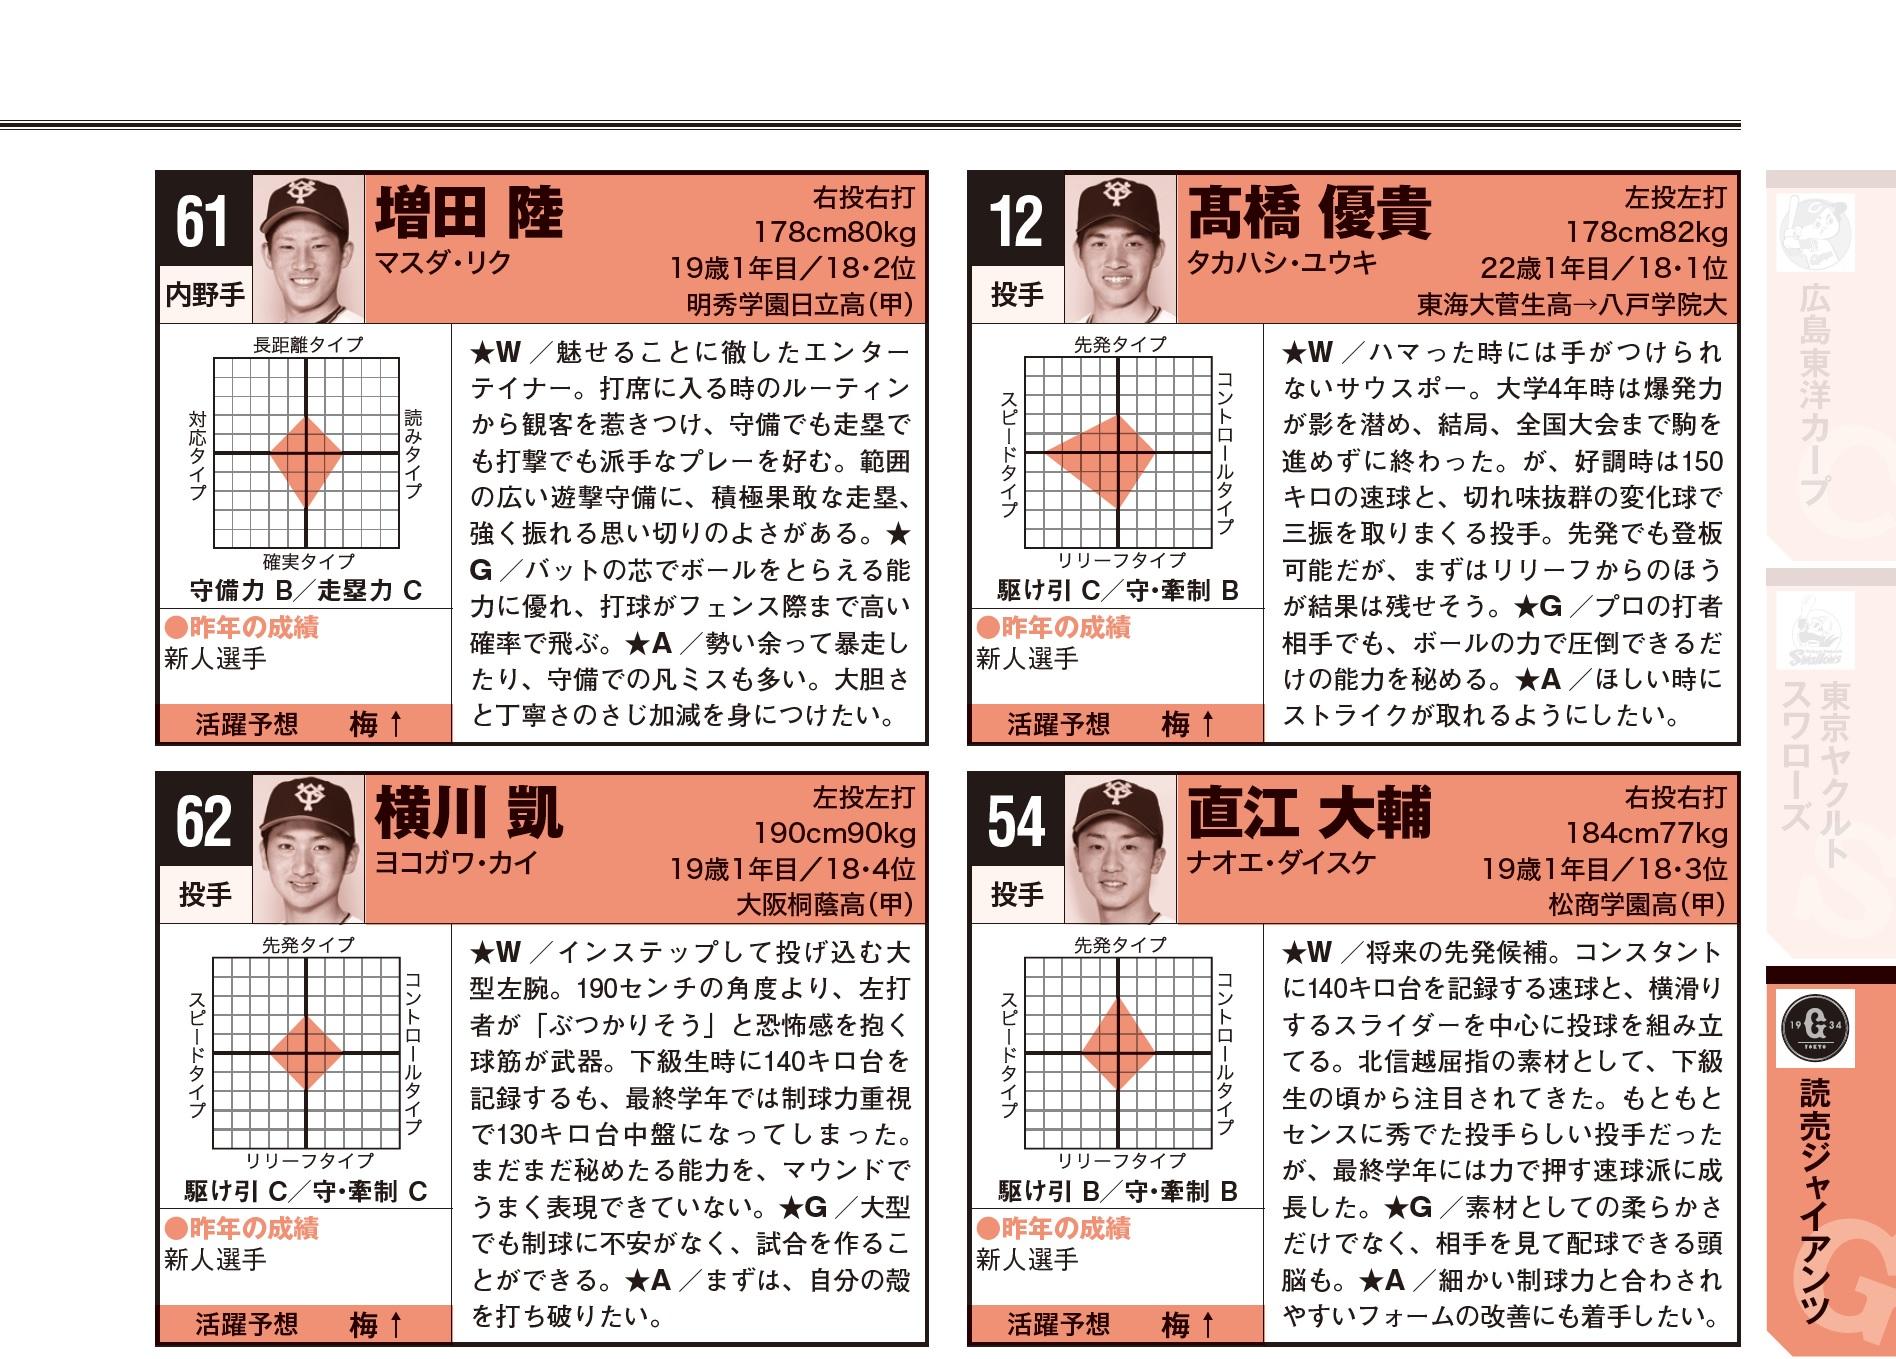 お詫びと訂正『野球太郎No.030 プロ野球選手名鑑+ドラフト候補名鑑2019』